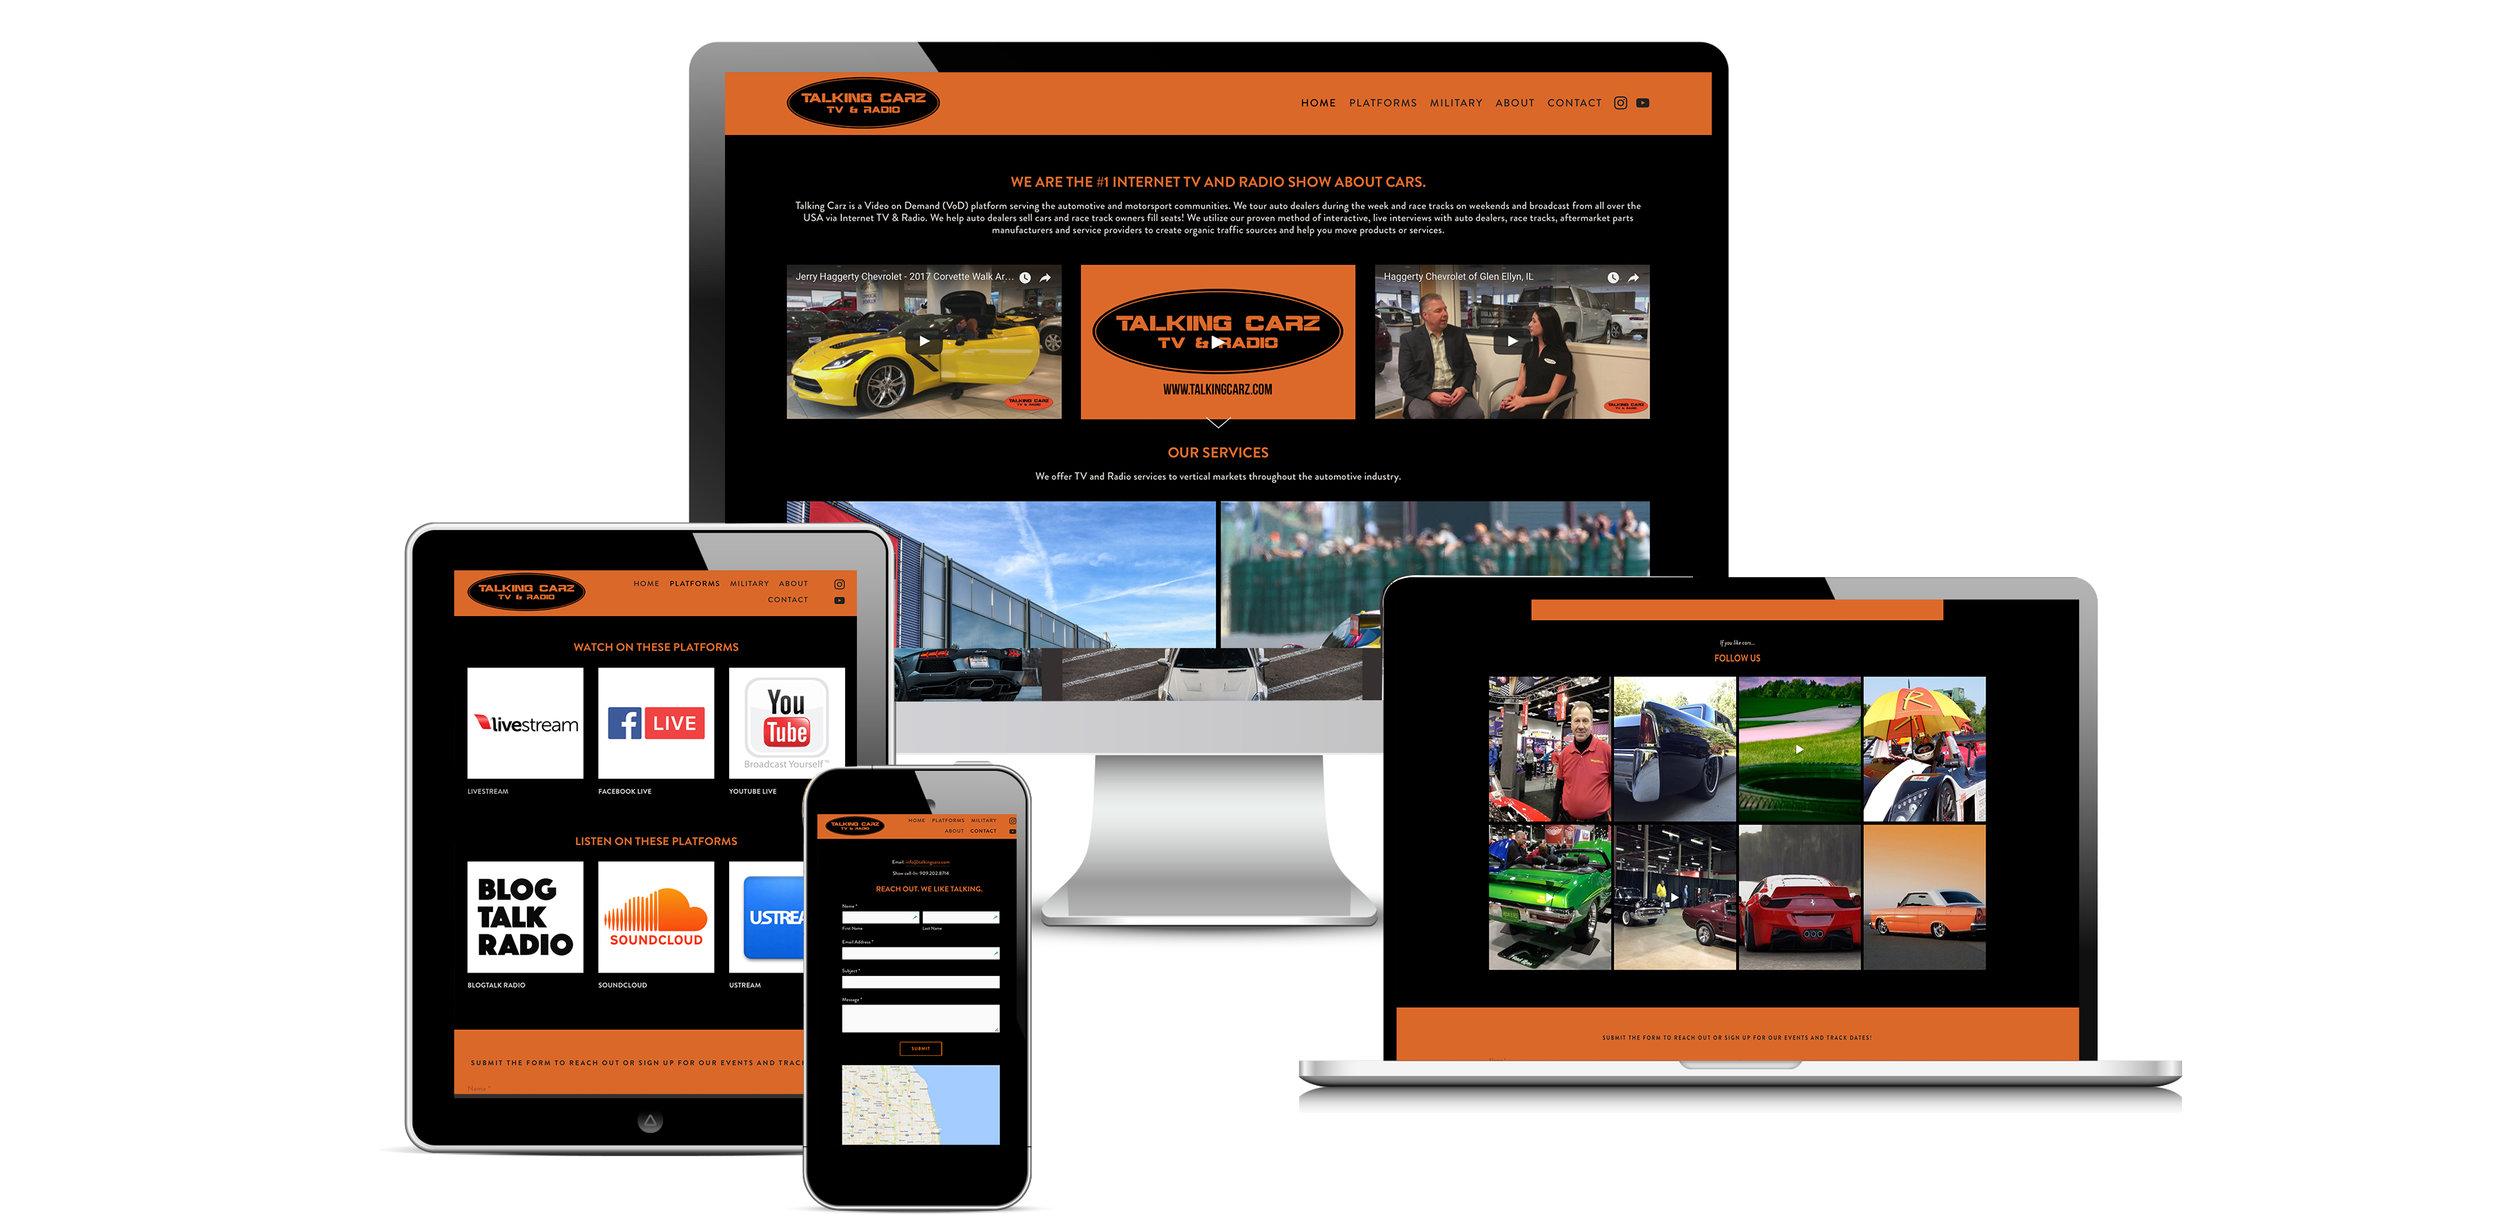 talking-cars-0-sixty-media-internet-tv-television-radio-marketing-advertising-livestreaming-blogtalk